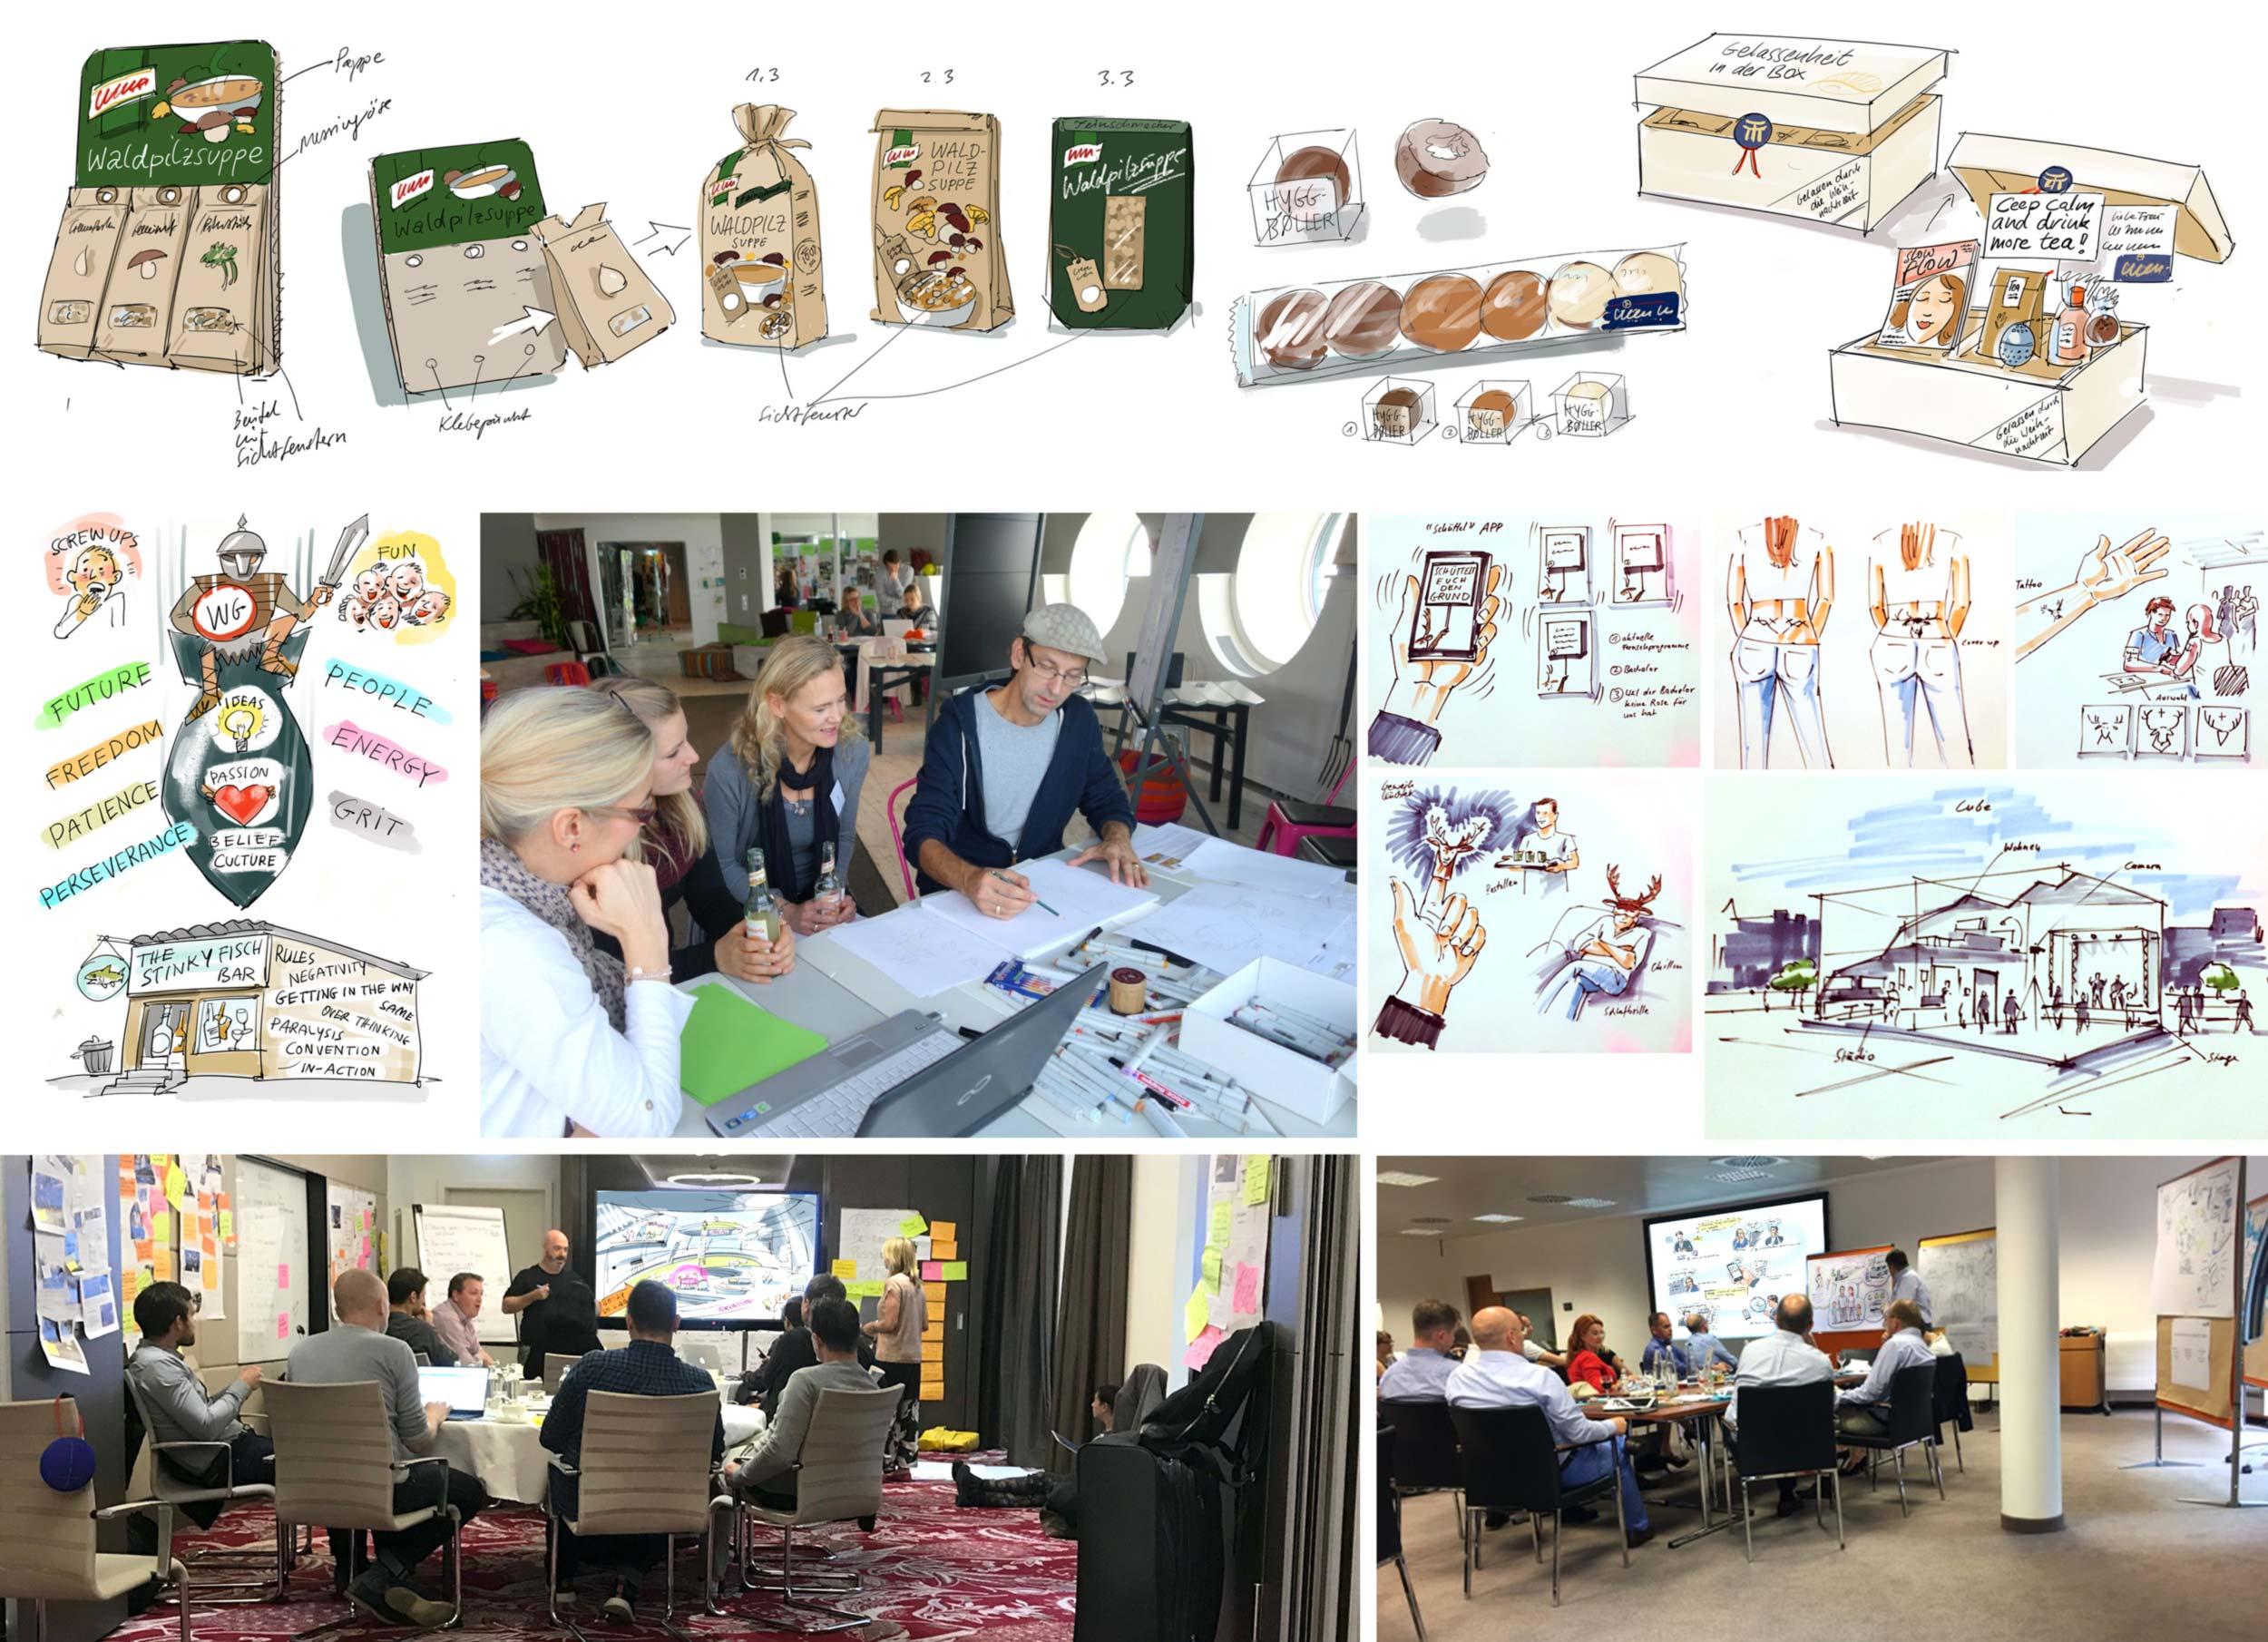 Diverse Workshops   Hier sieht man einige Beispiele für Workshop-Situationen und die dabei entstandenen Scribbles. Die Zeichnungen werden entweder auf FlipChart, Stellwänden oder digital präsentiert. In solchen Gruppen nutze ich auch immer häufiger das iPad zum Zeichnen.